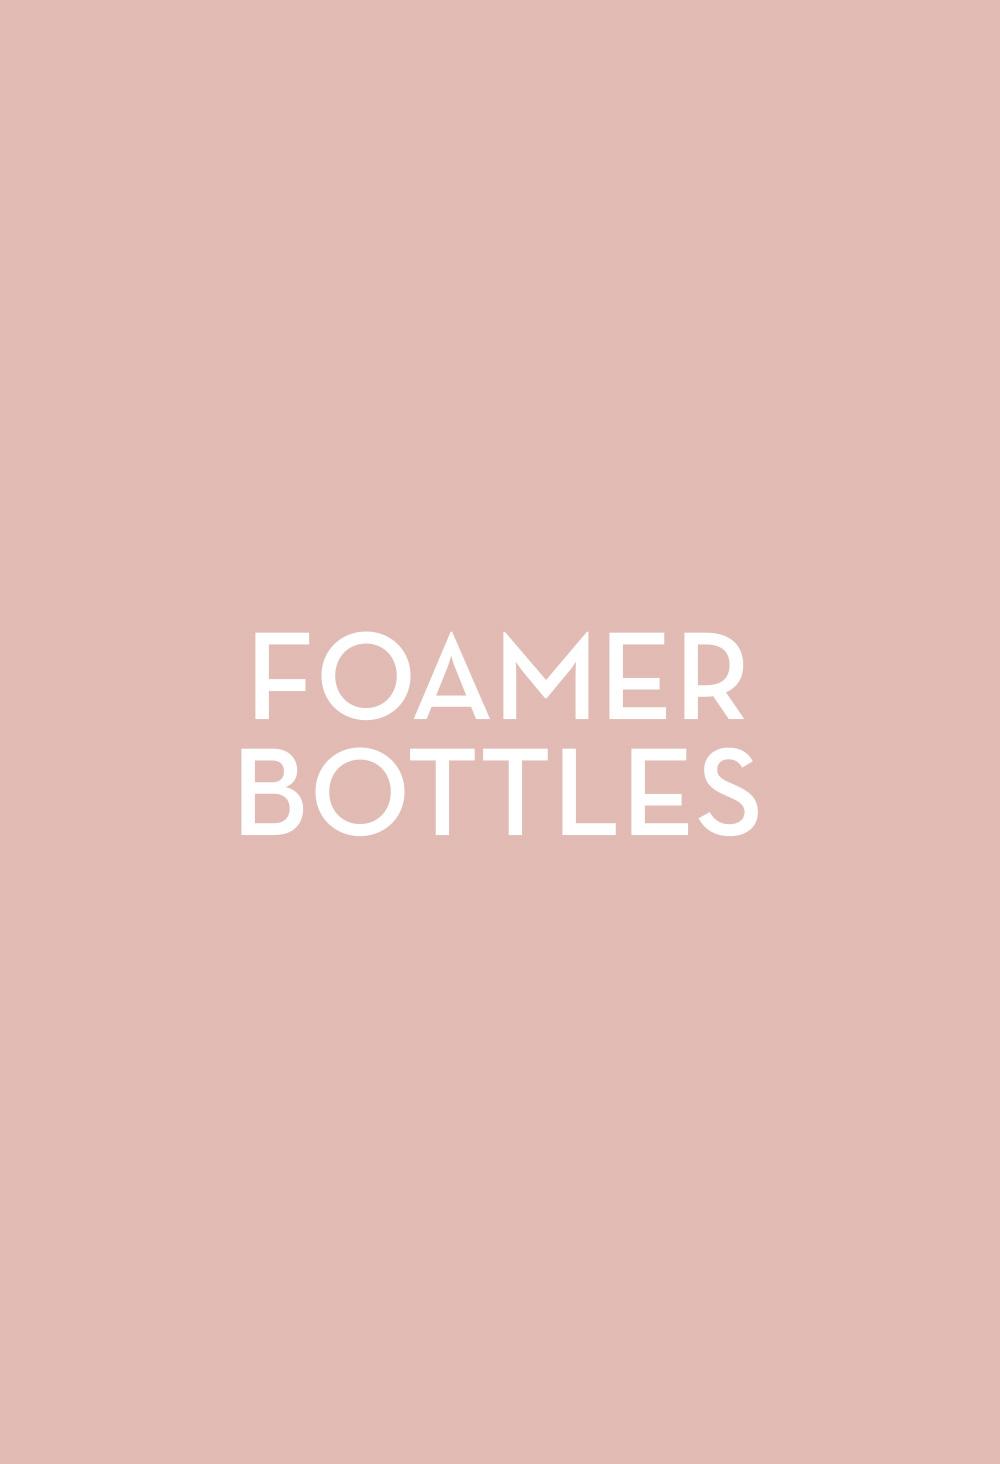 Foamer Bottles - Fasten